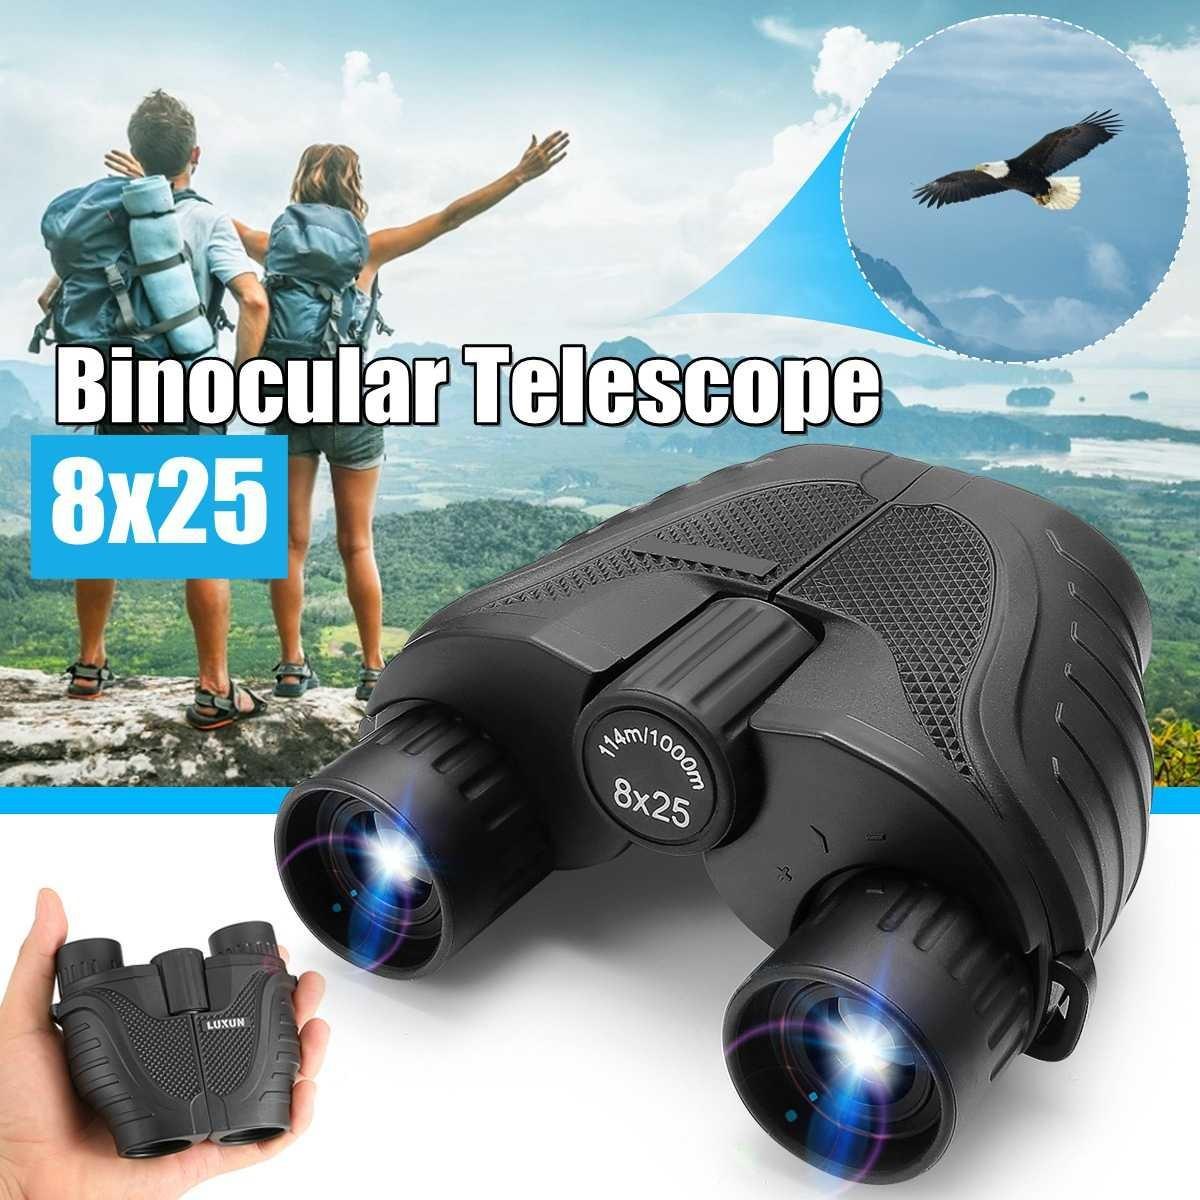 8x25 Compact Увеличить Бинокль Long Range 1000m Складной Hd Мини телескоп Мощной Оптика Охота Спорт Кемпинг Инструменты